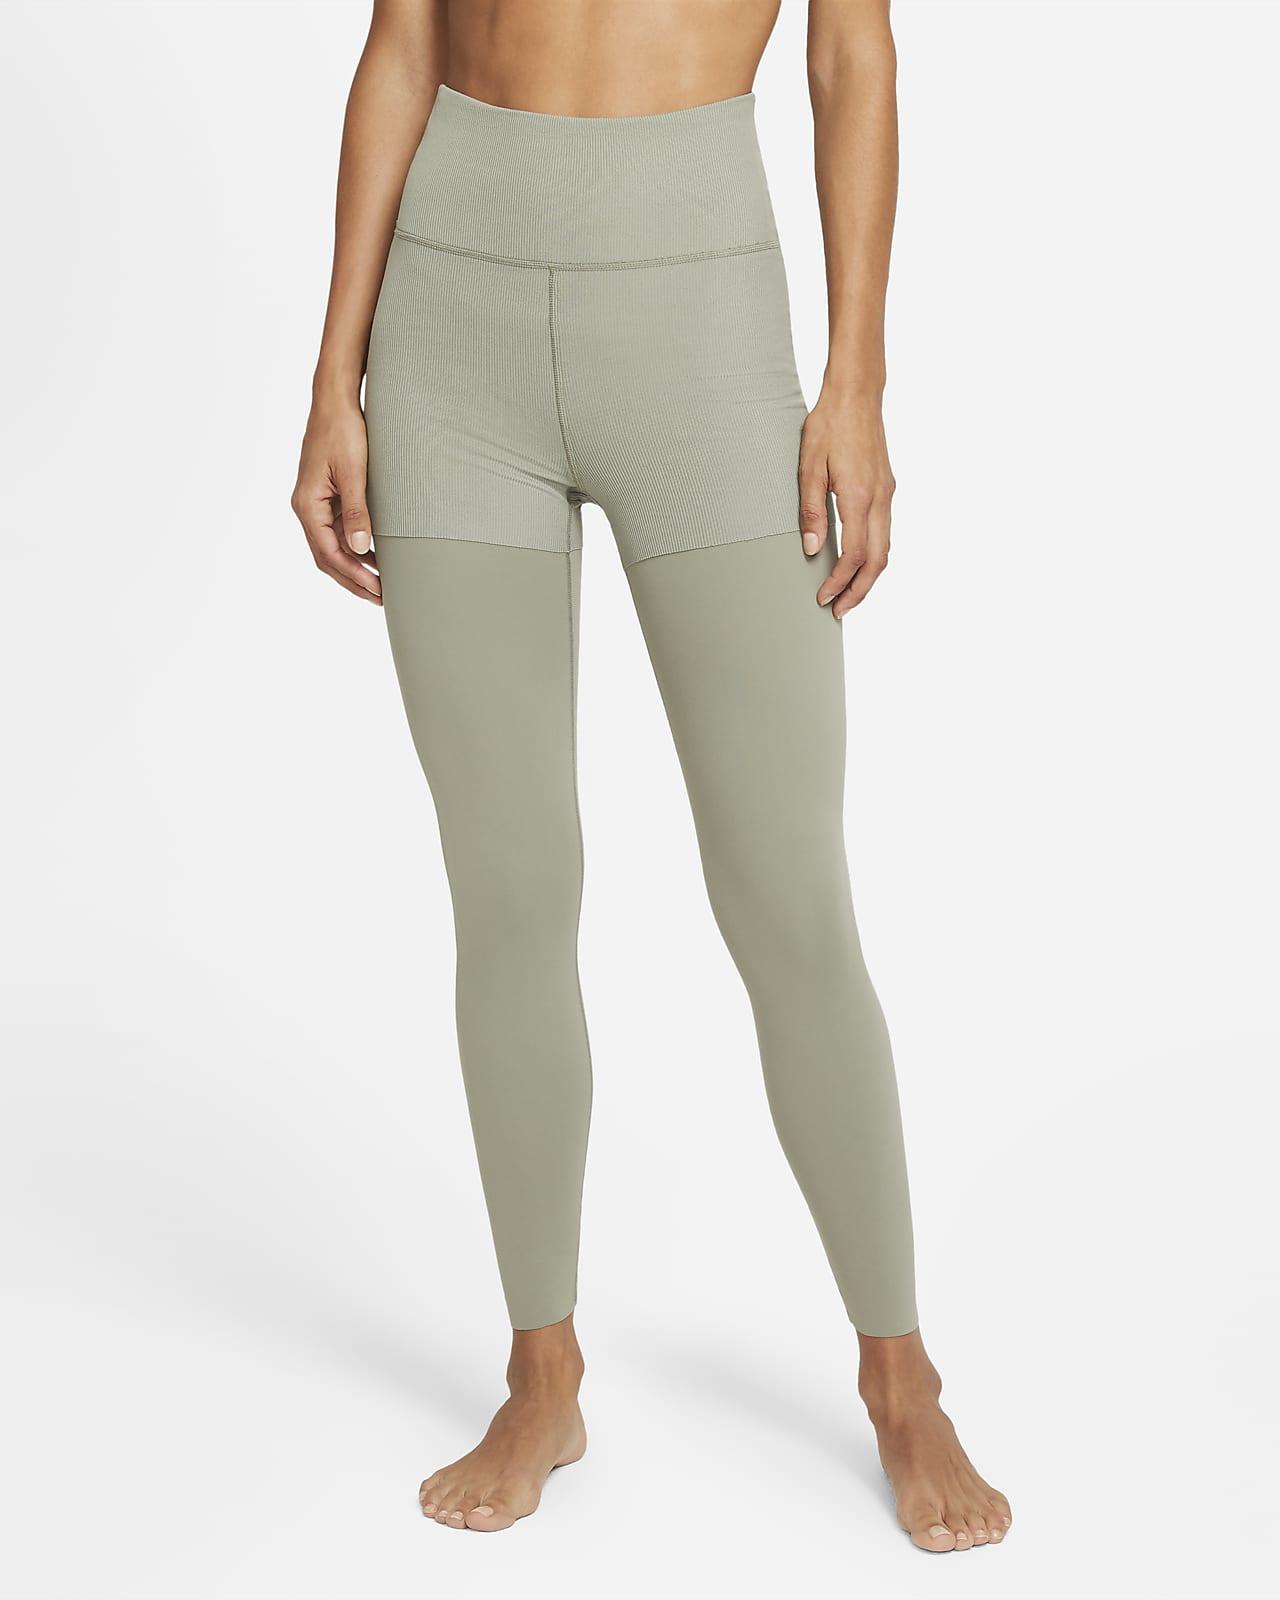 Leggings de 7/8 para mujer Nike Yoga Luxe Layered